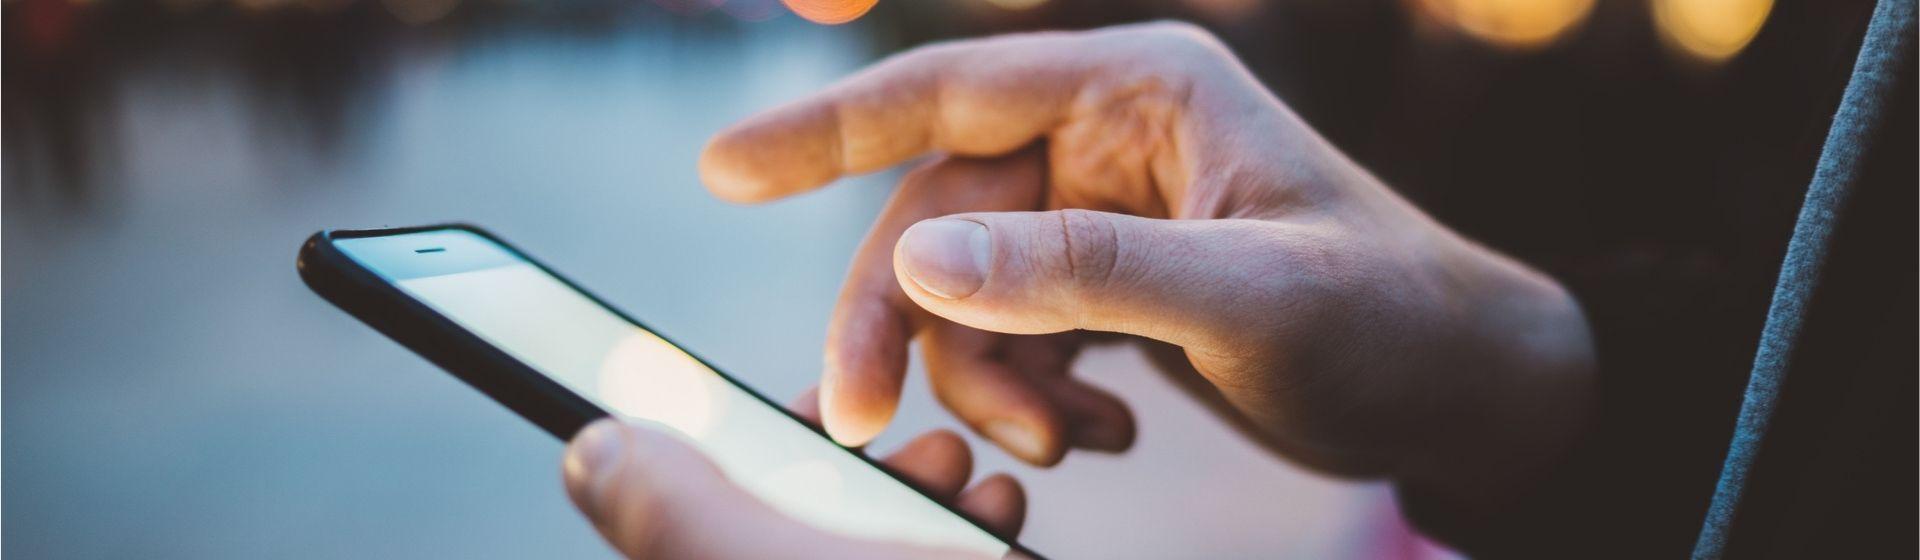 Como colocar crédito no celular: veja passo a passo na Claro, Oi, Tim e Vivo